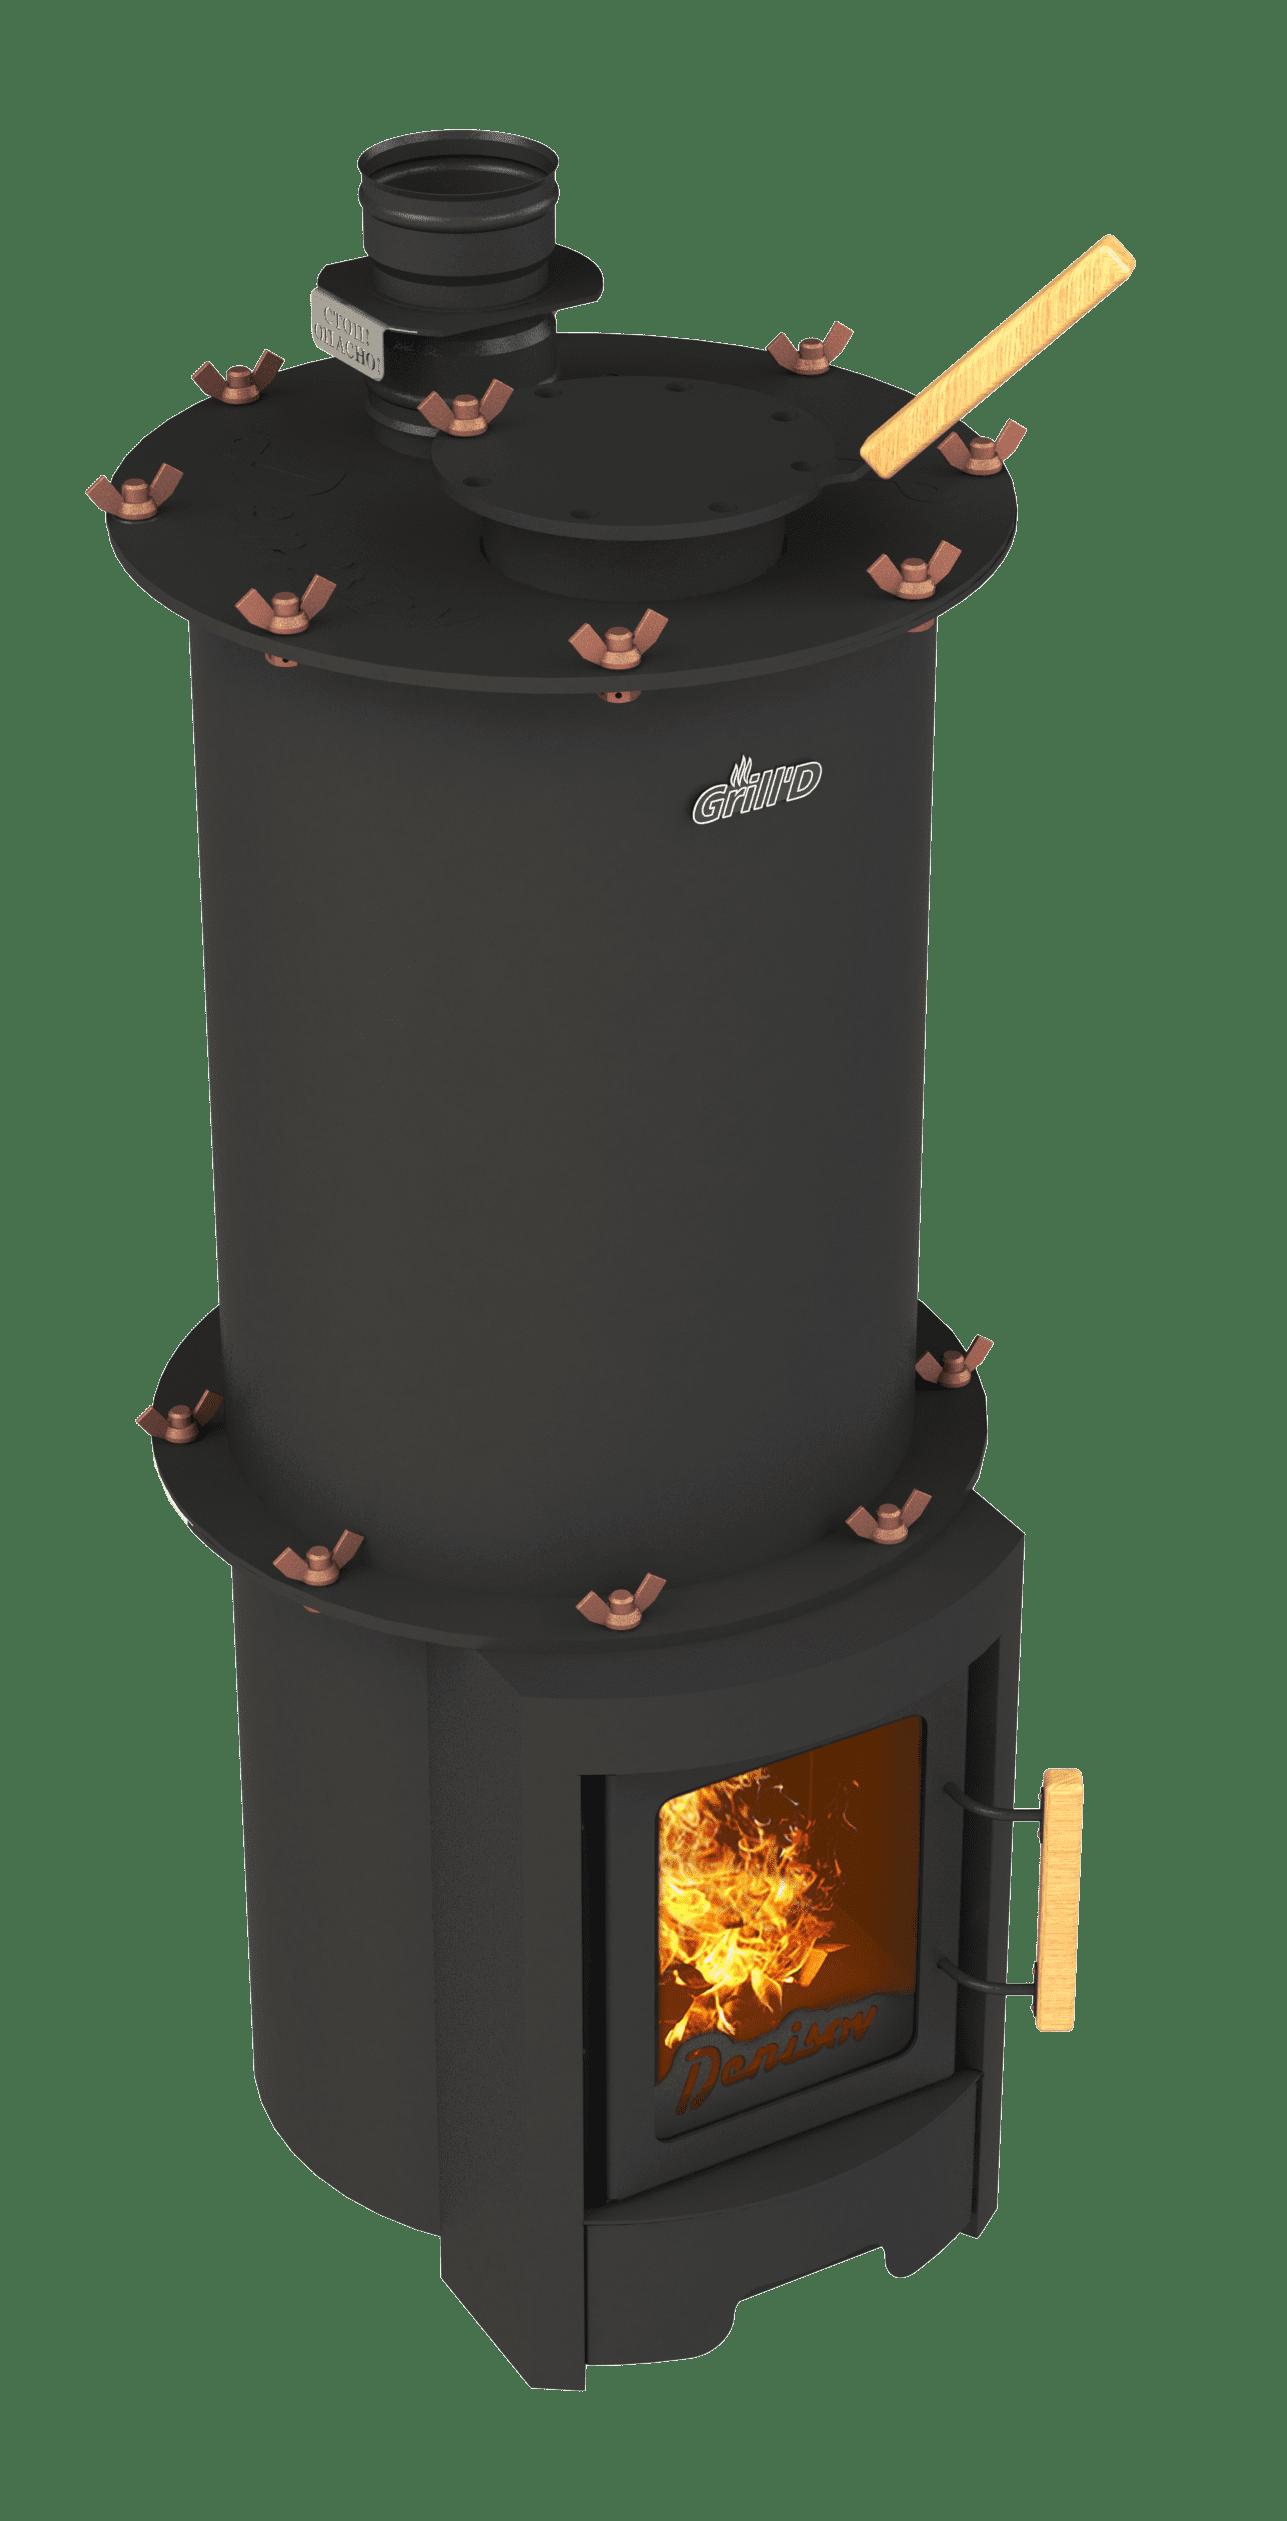 Банная печь Grill'D Denisov Short